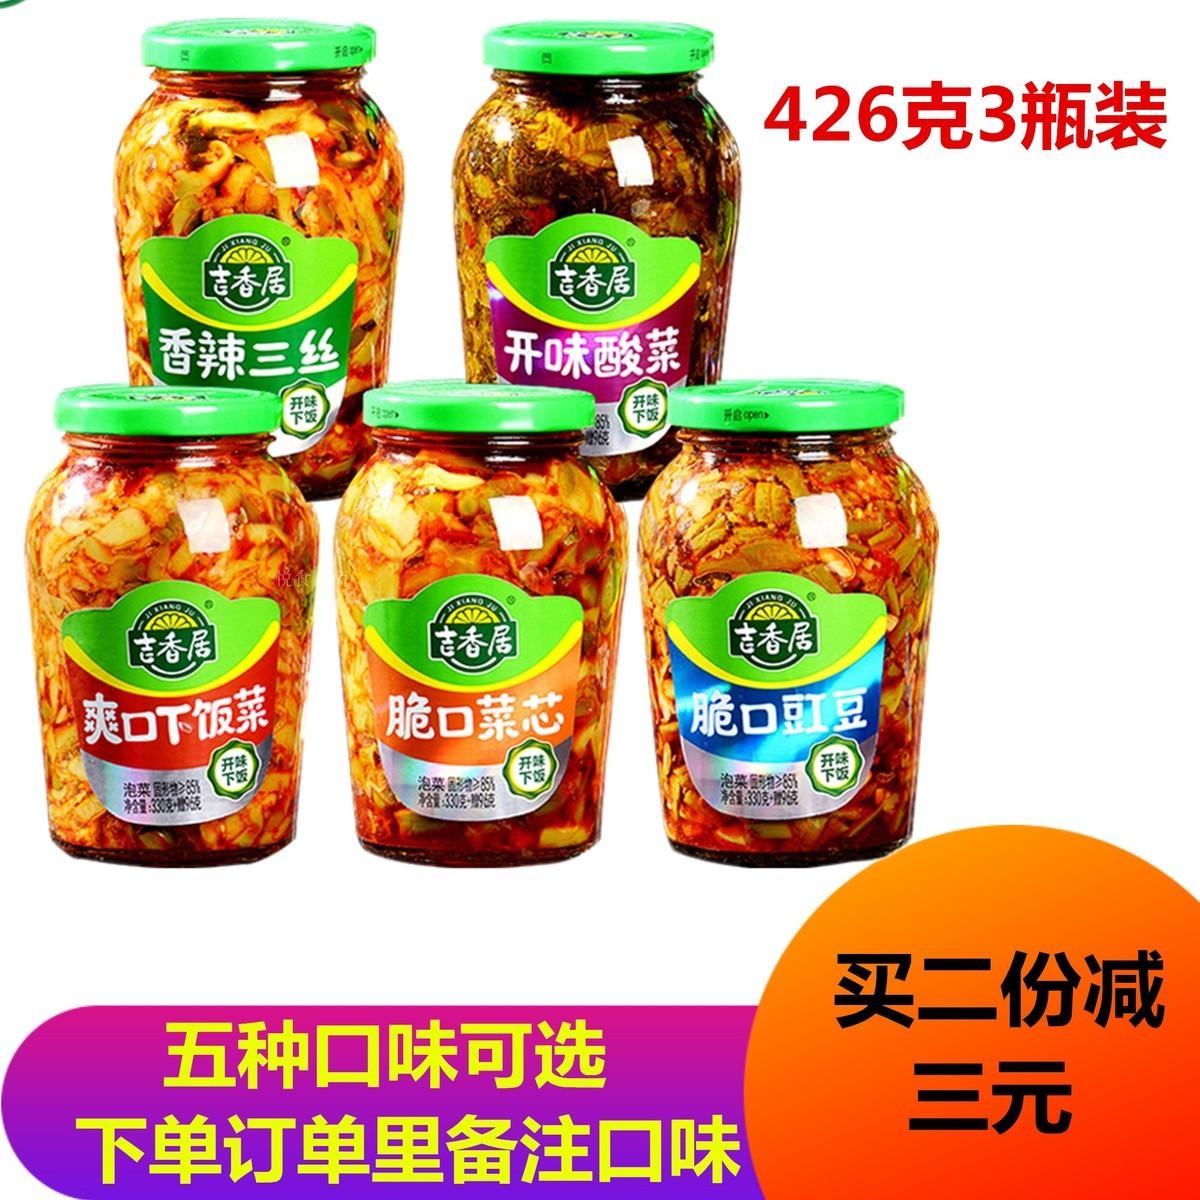 吉香居下饭菜瓶装开味菜泡菜四川特产腌菜佐餐小菜即食426克3瓶装